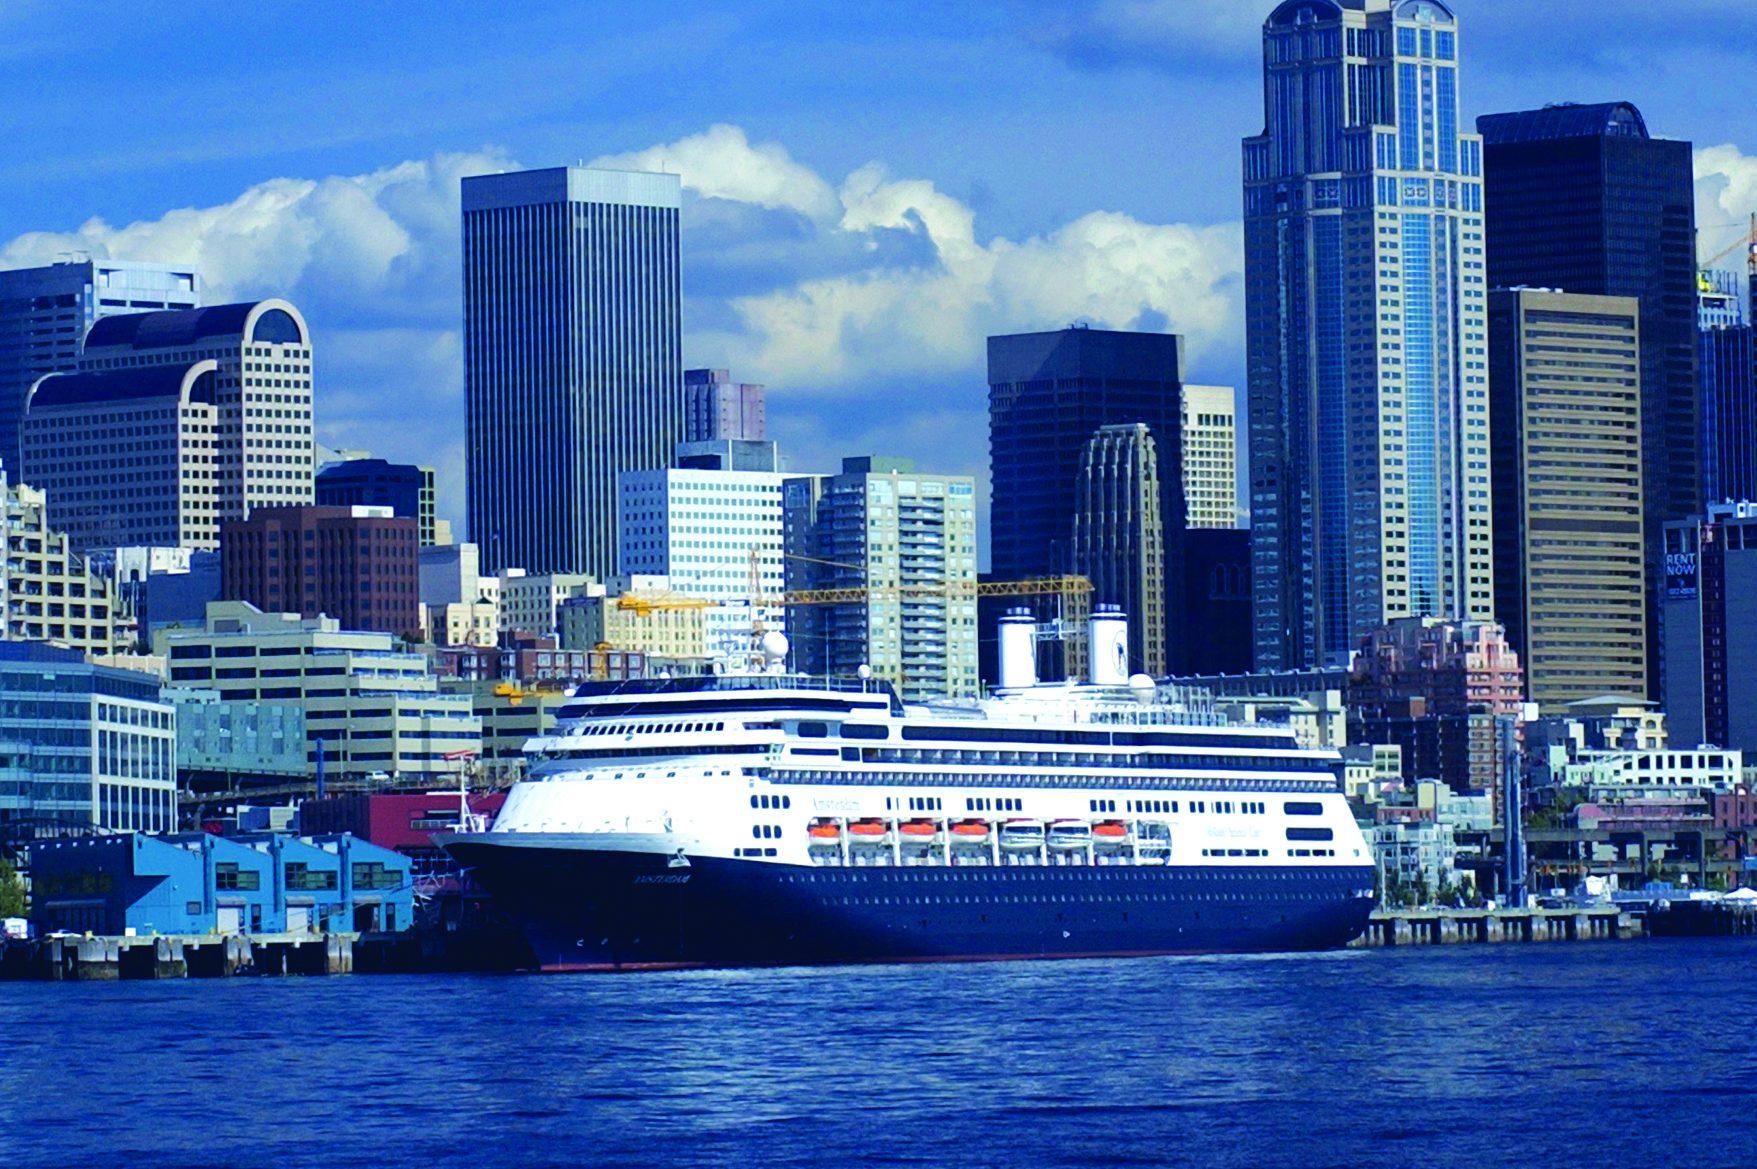 Krydstogtskibet M/S Amsterdam fra rederiet Holland America Line, et af de ni varemærker hos Carnival Corporation, i havnen i Seattle. Arkivpressefoto fra Carnival Corporation.